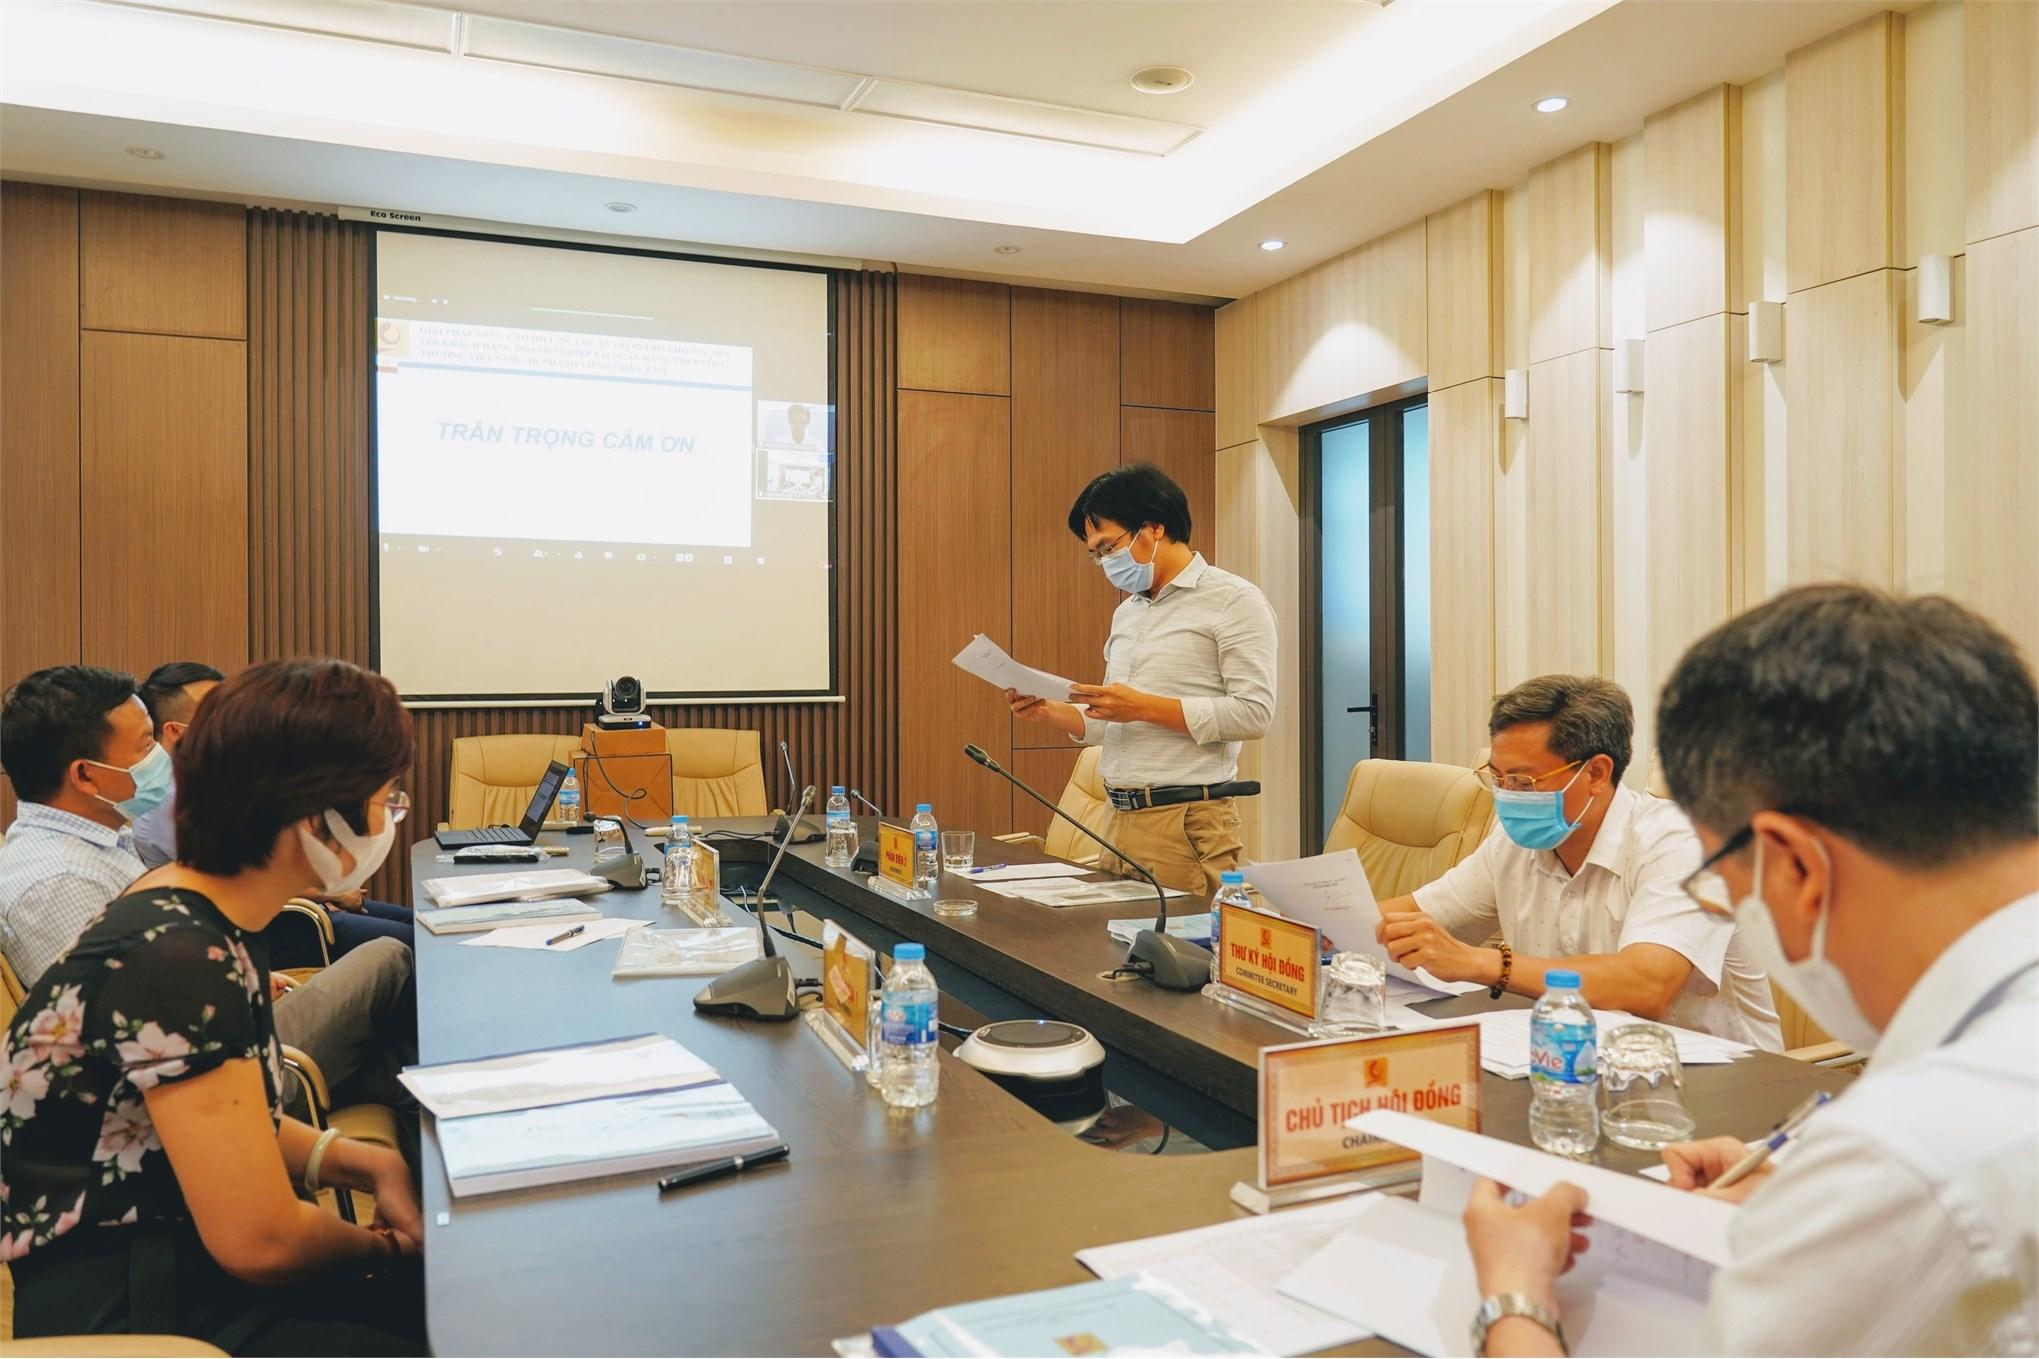 Hội đồng đánh giá luận văn thạc sĩ đã kết luận các học viên đã bảo vệ thành công luận văn